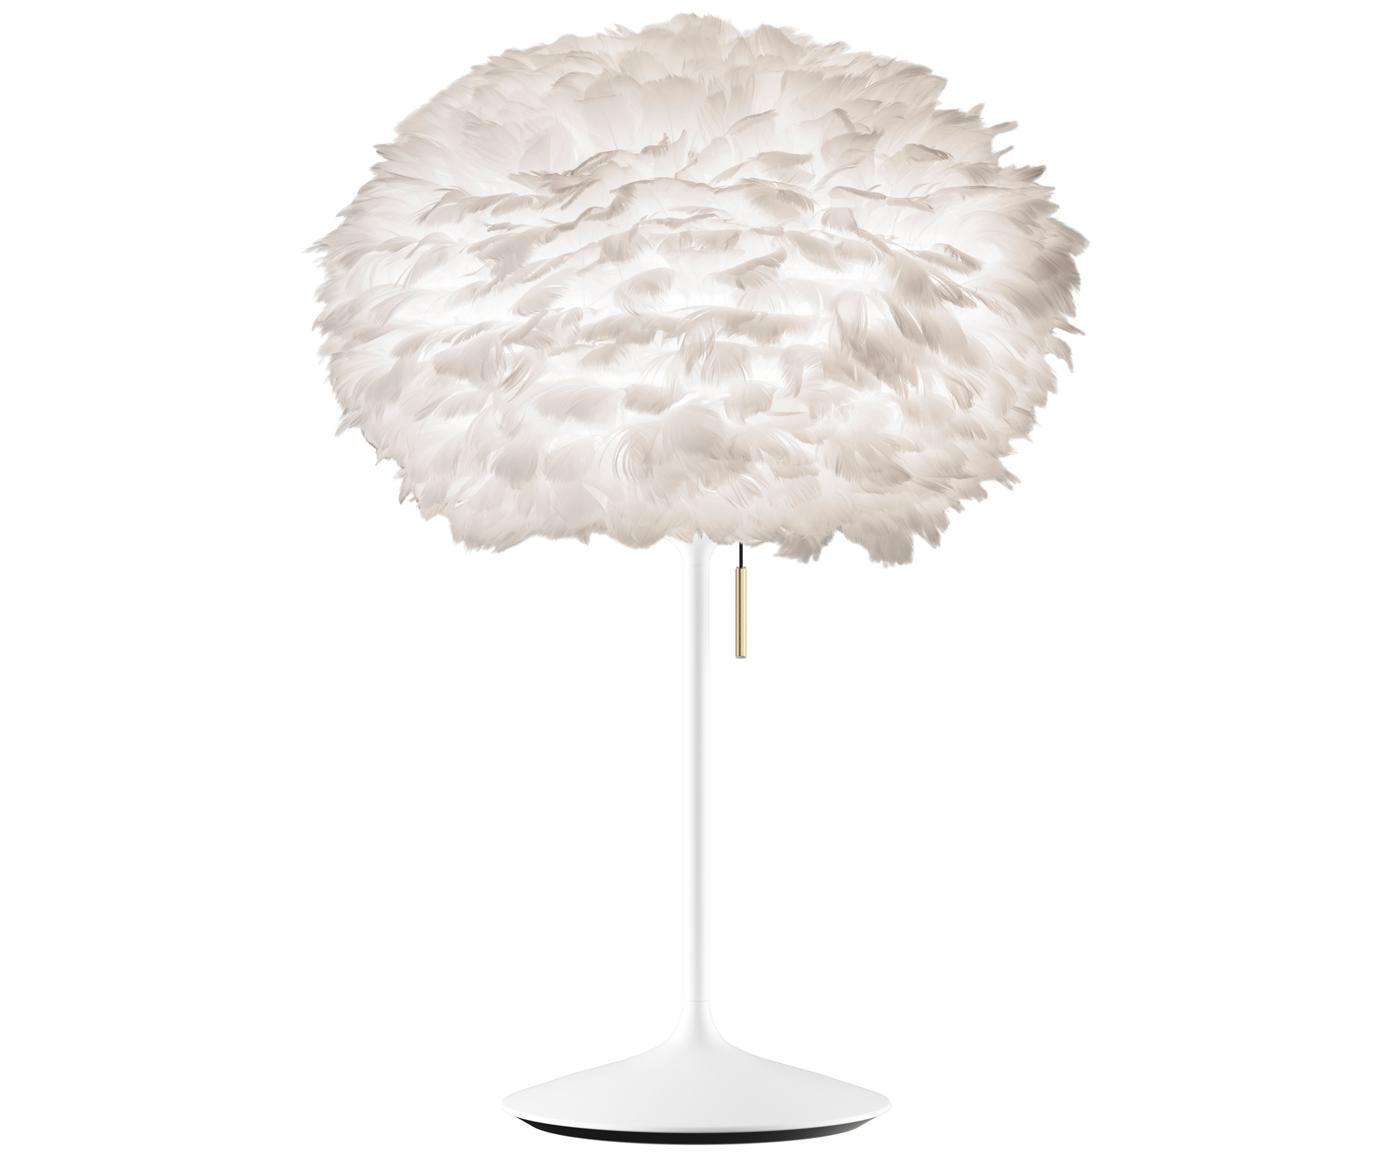 Lámpara de mesa grande Eos Champagne, Pantalla: polipropileno, policarbon, Estructura: acero, Cable: plástico, Blanco, Ø 45 x Al 72 cm